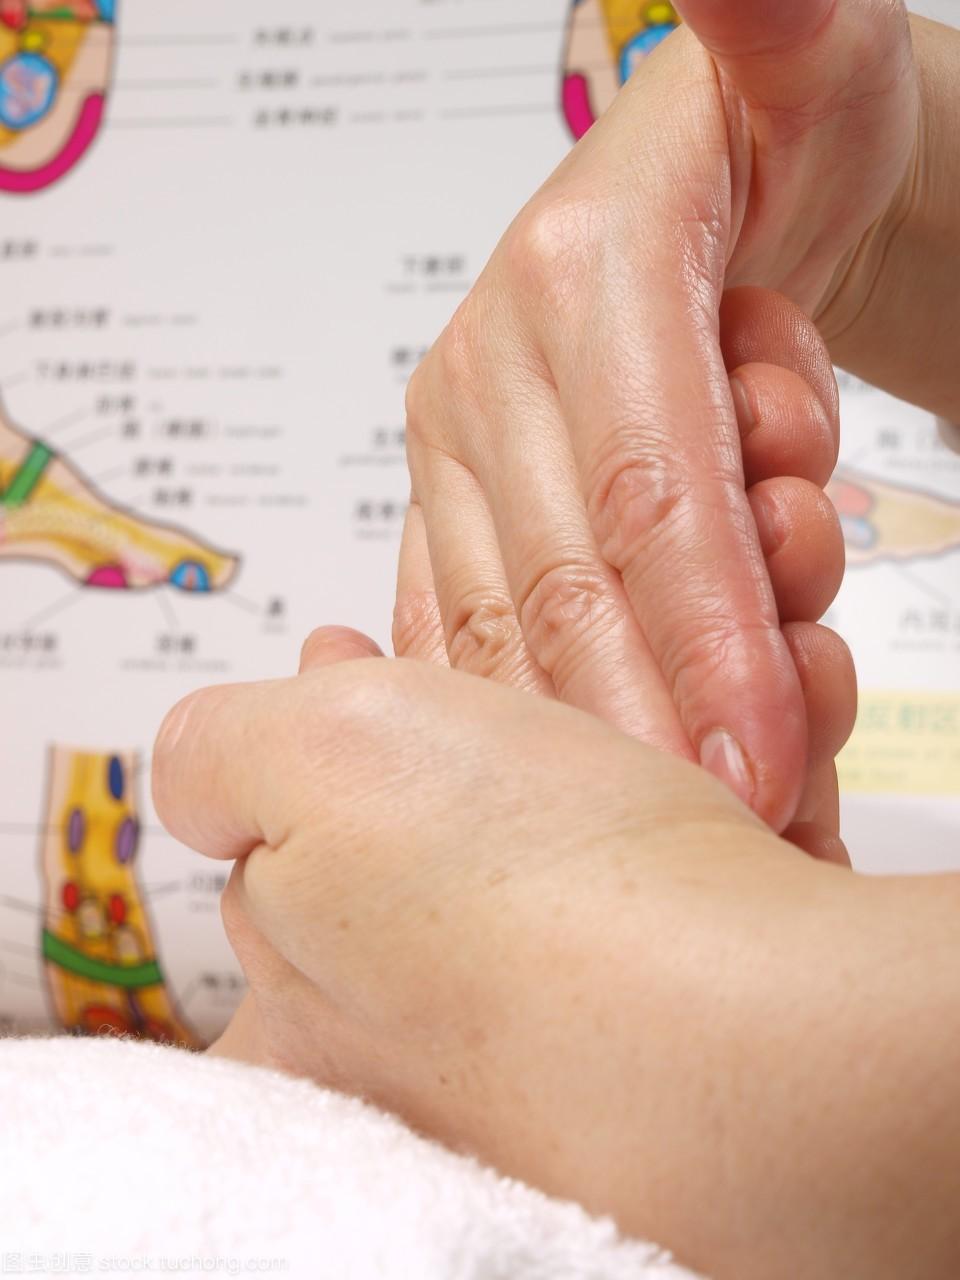 水疗,治疗师,消遣,油,照料,皮,照顾,疗法,皮肤,生